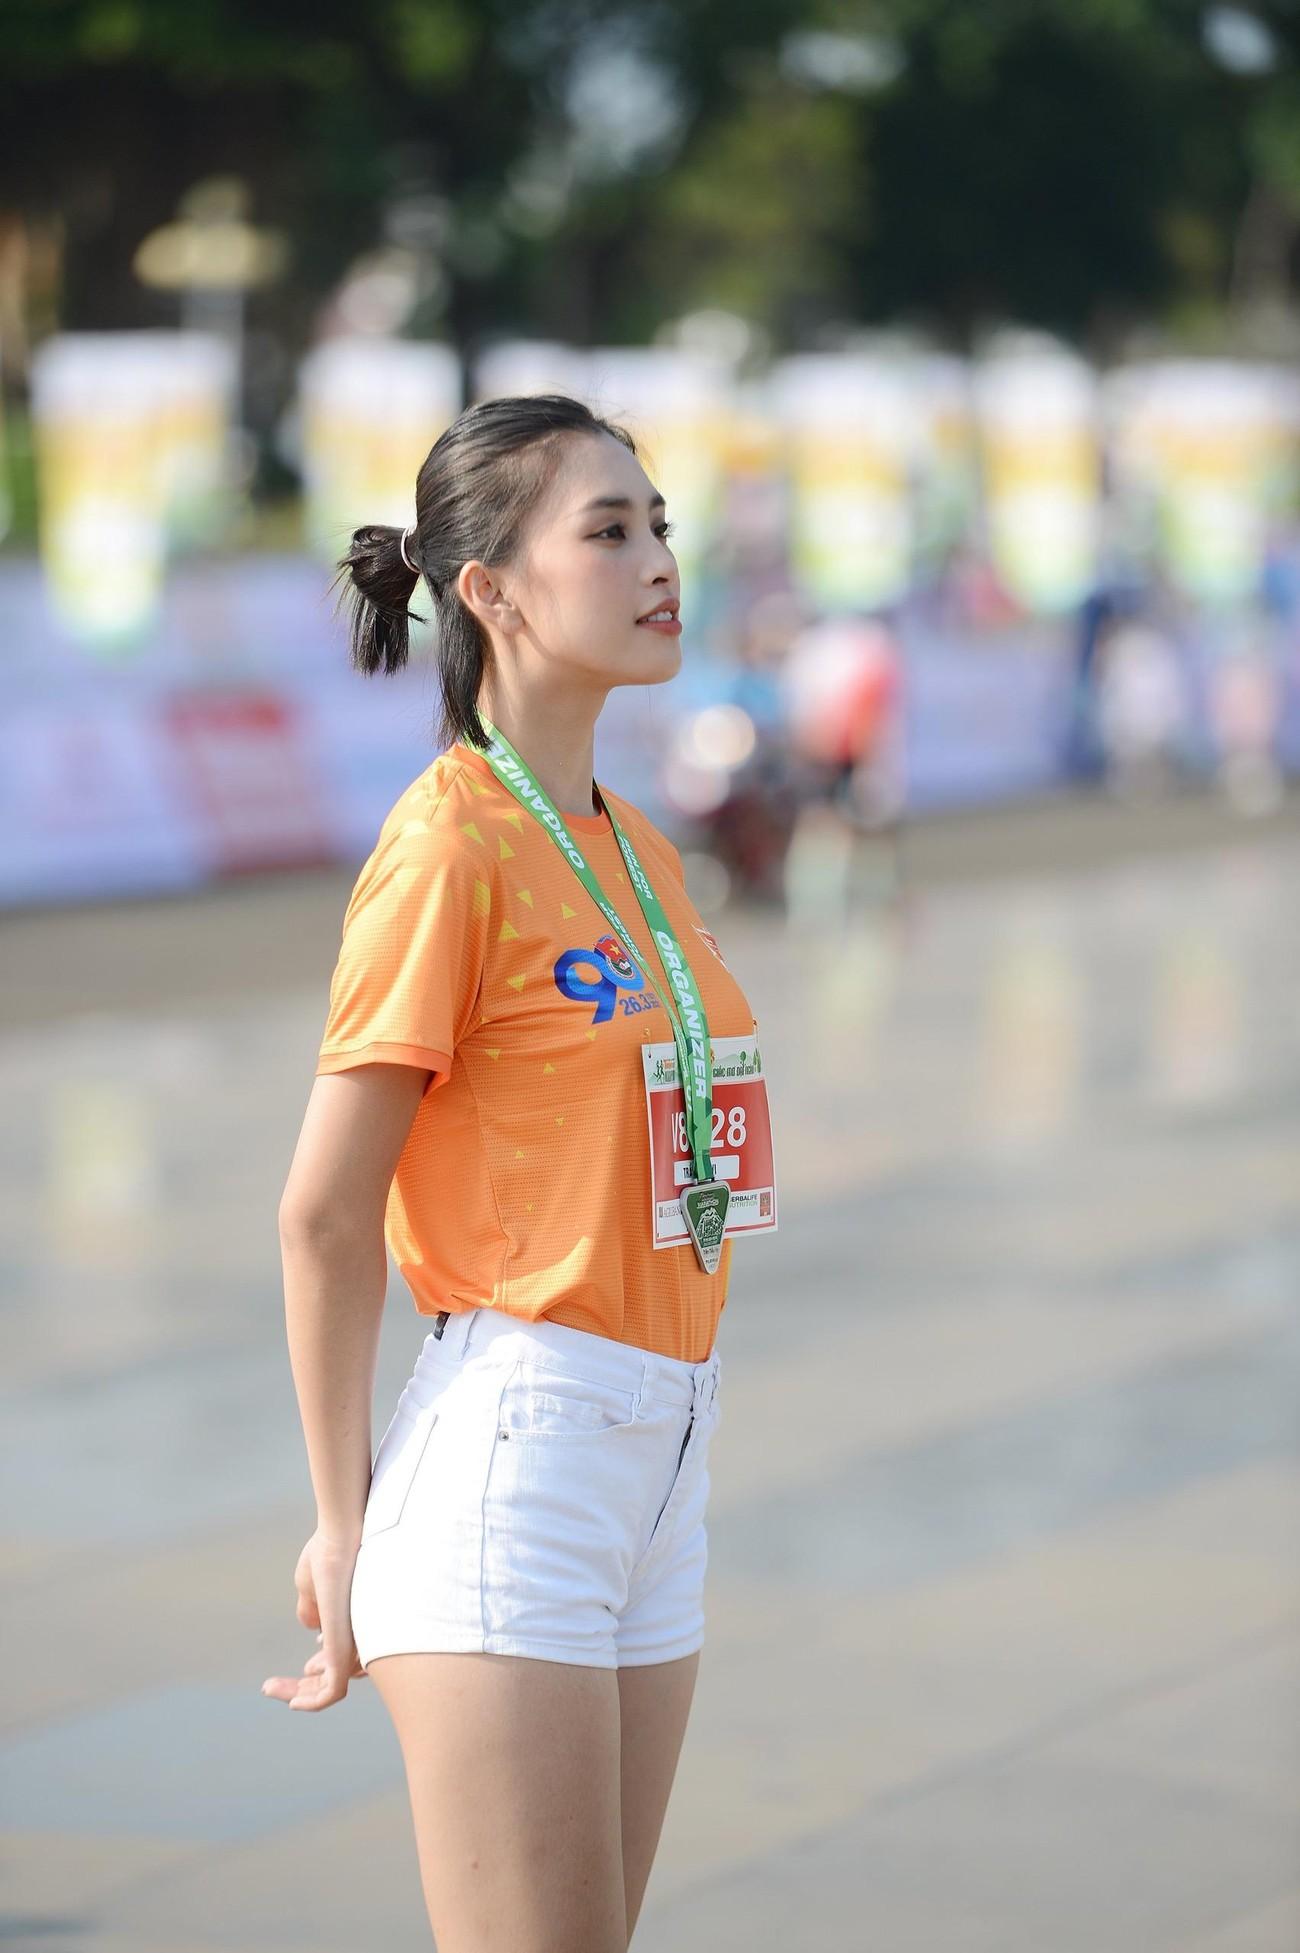 Hoa hậu Trần Tiểu Vy đẹp gây mê trên đường chạy Tiền phong Marathon ảnh 7